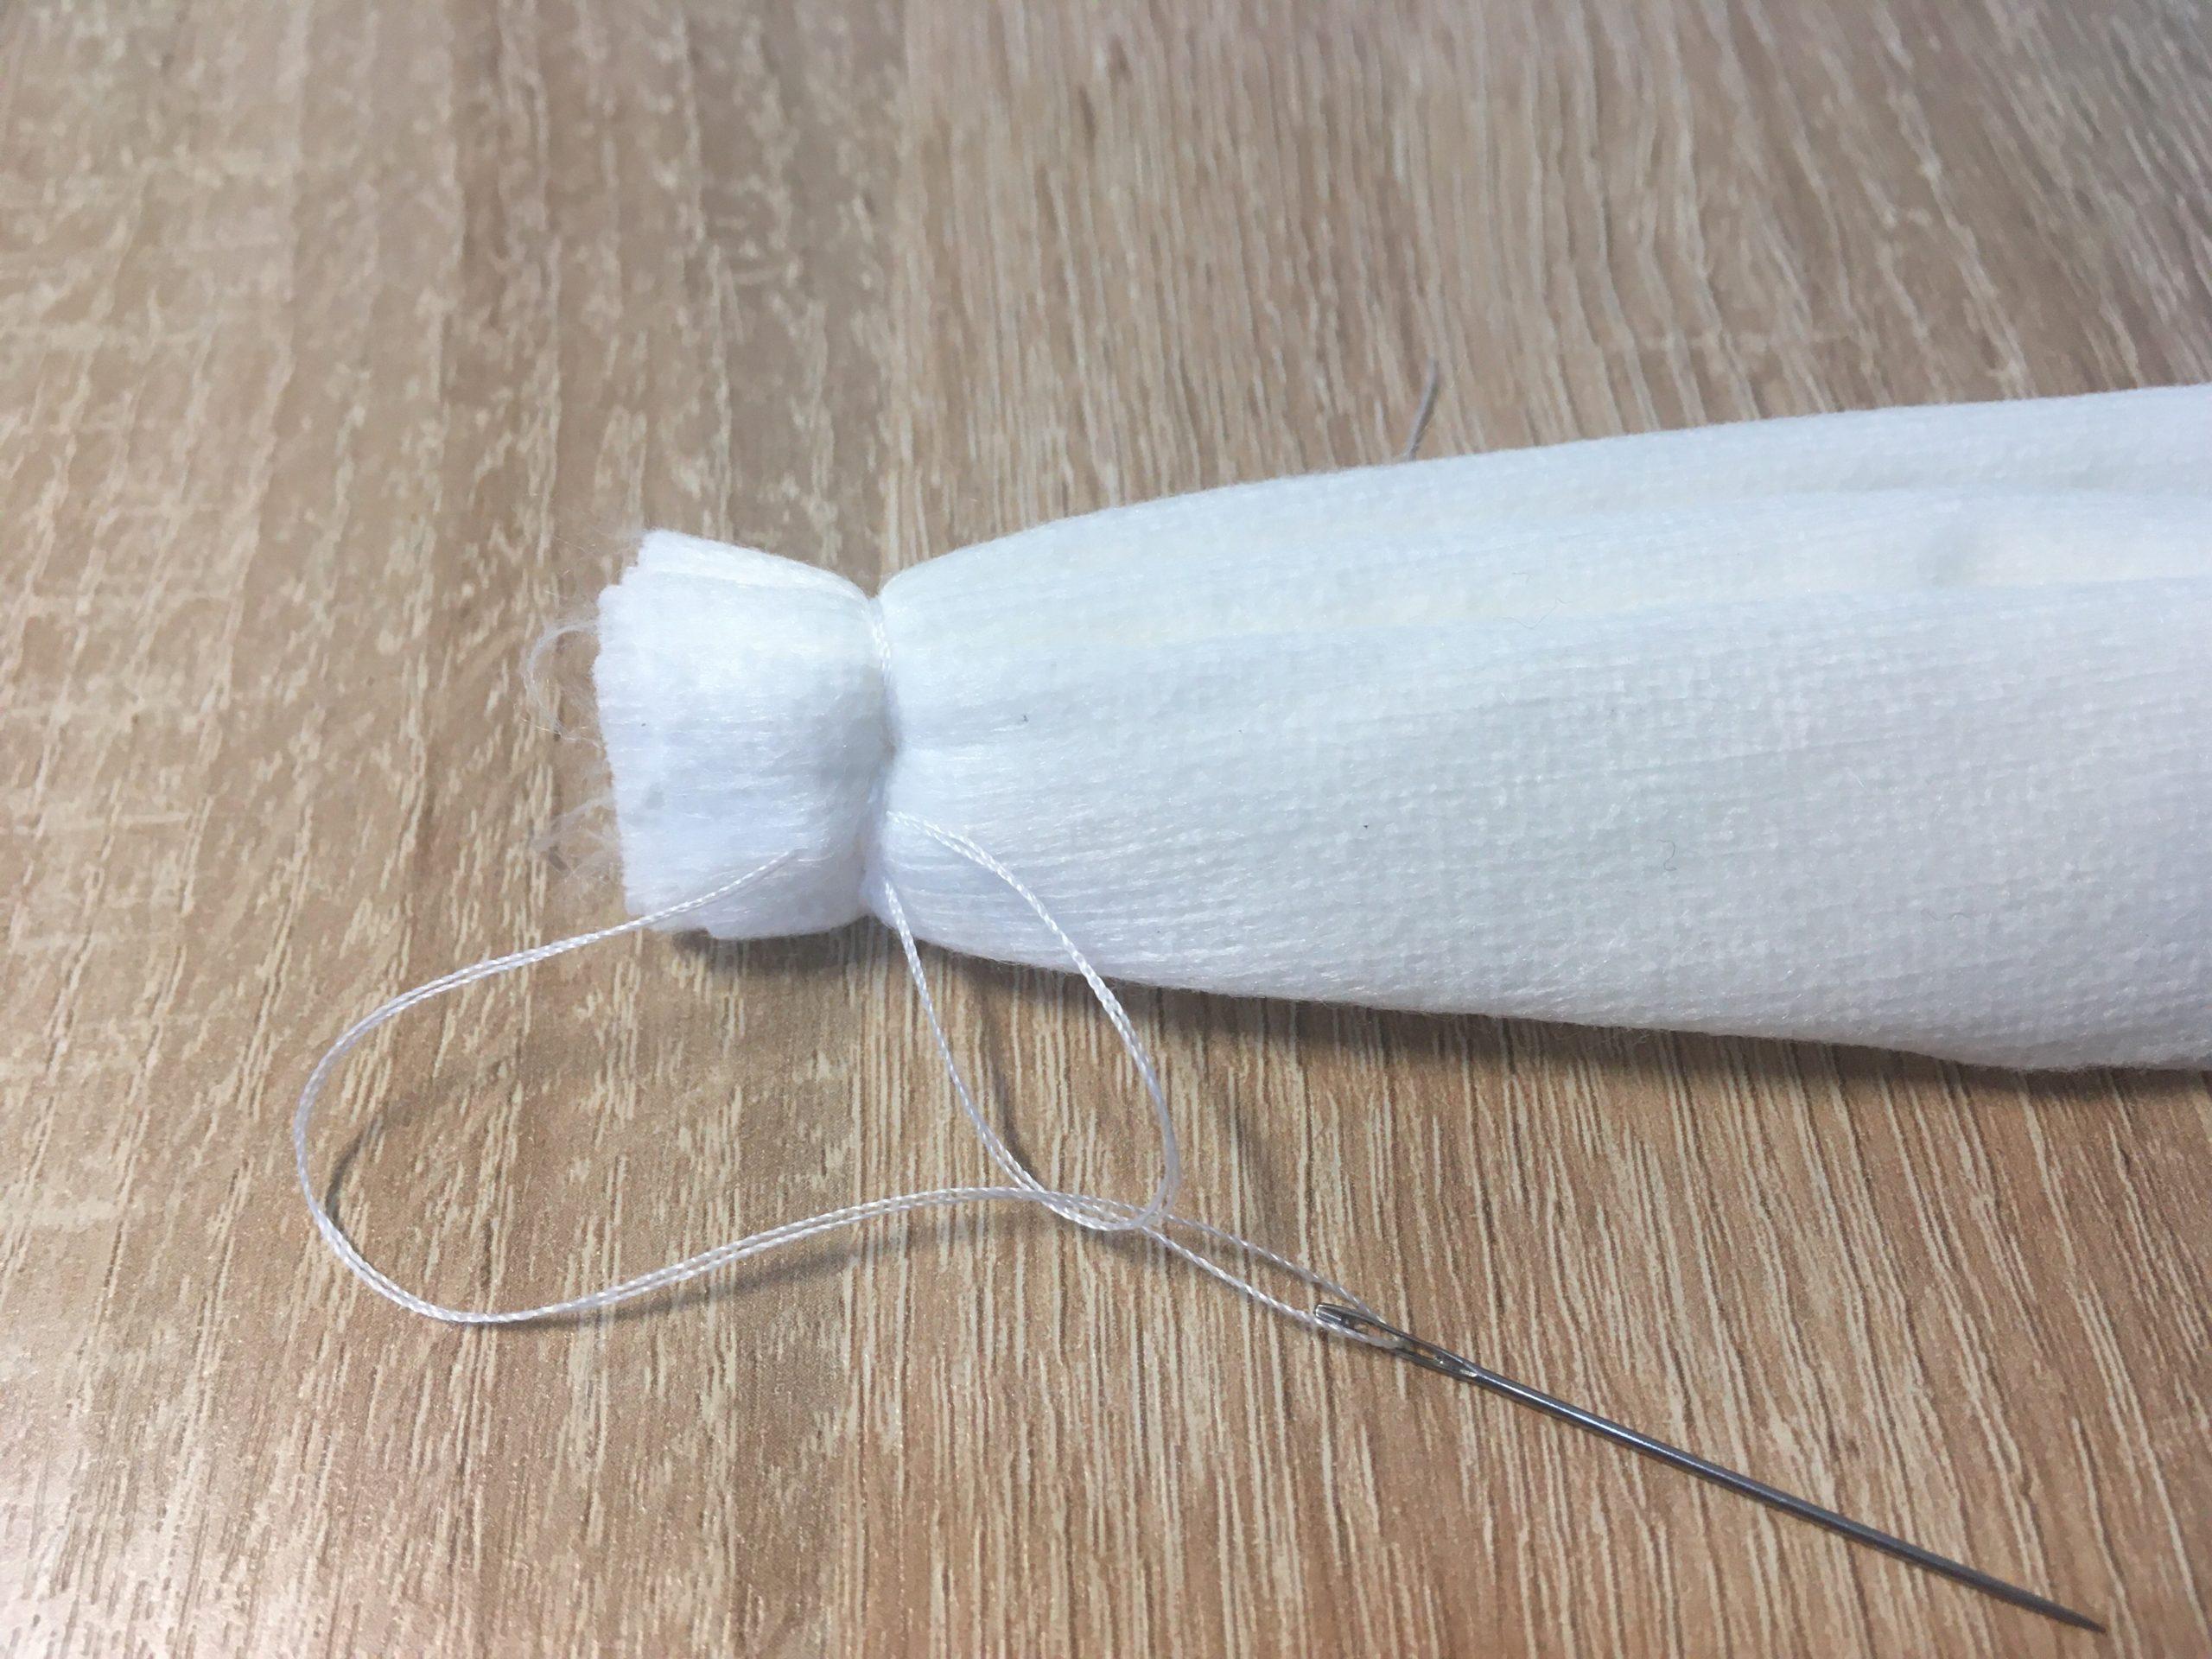 07 Сшиваем край так как обычно пришивают пуговицу - в два отверстия